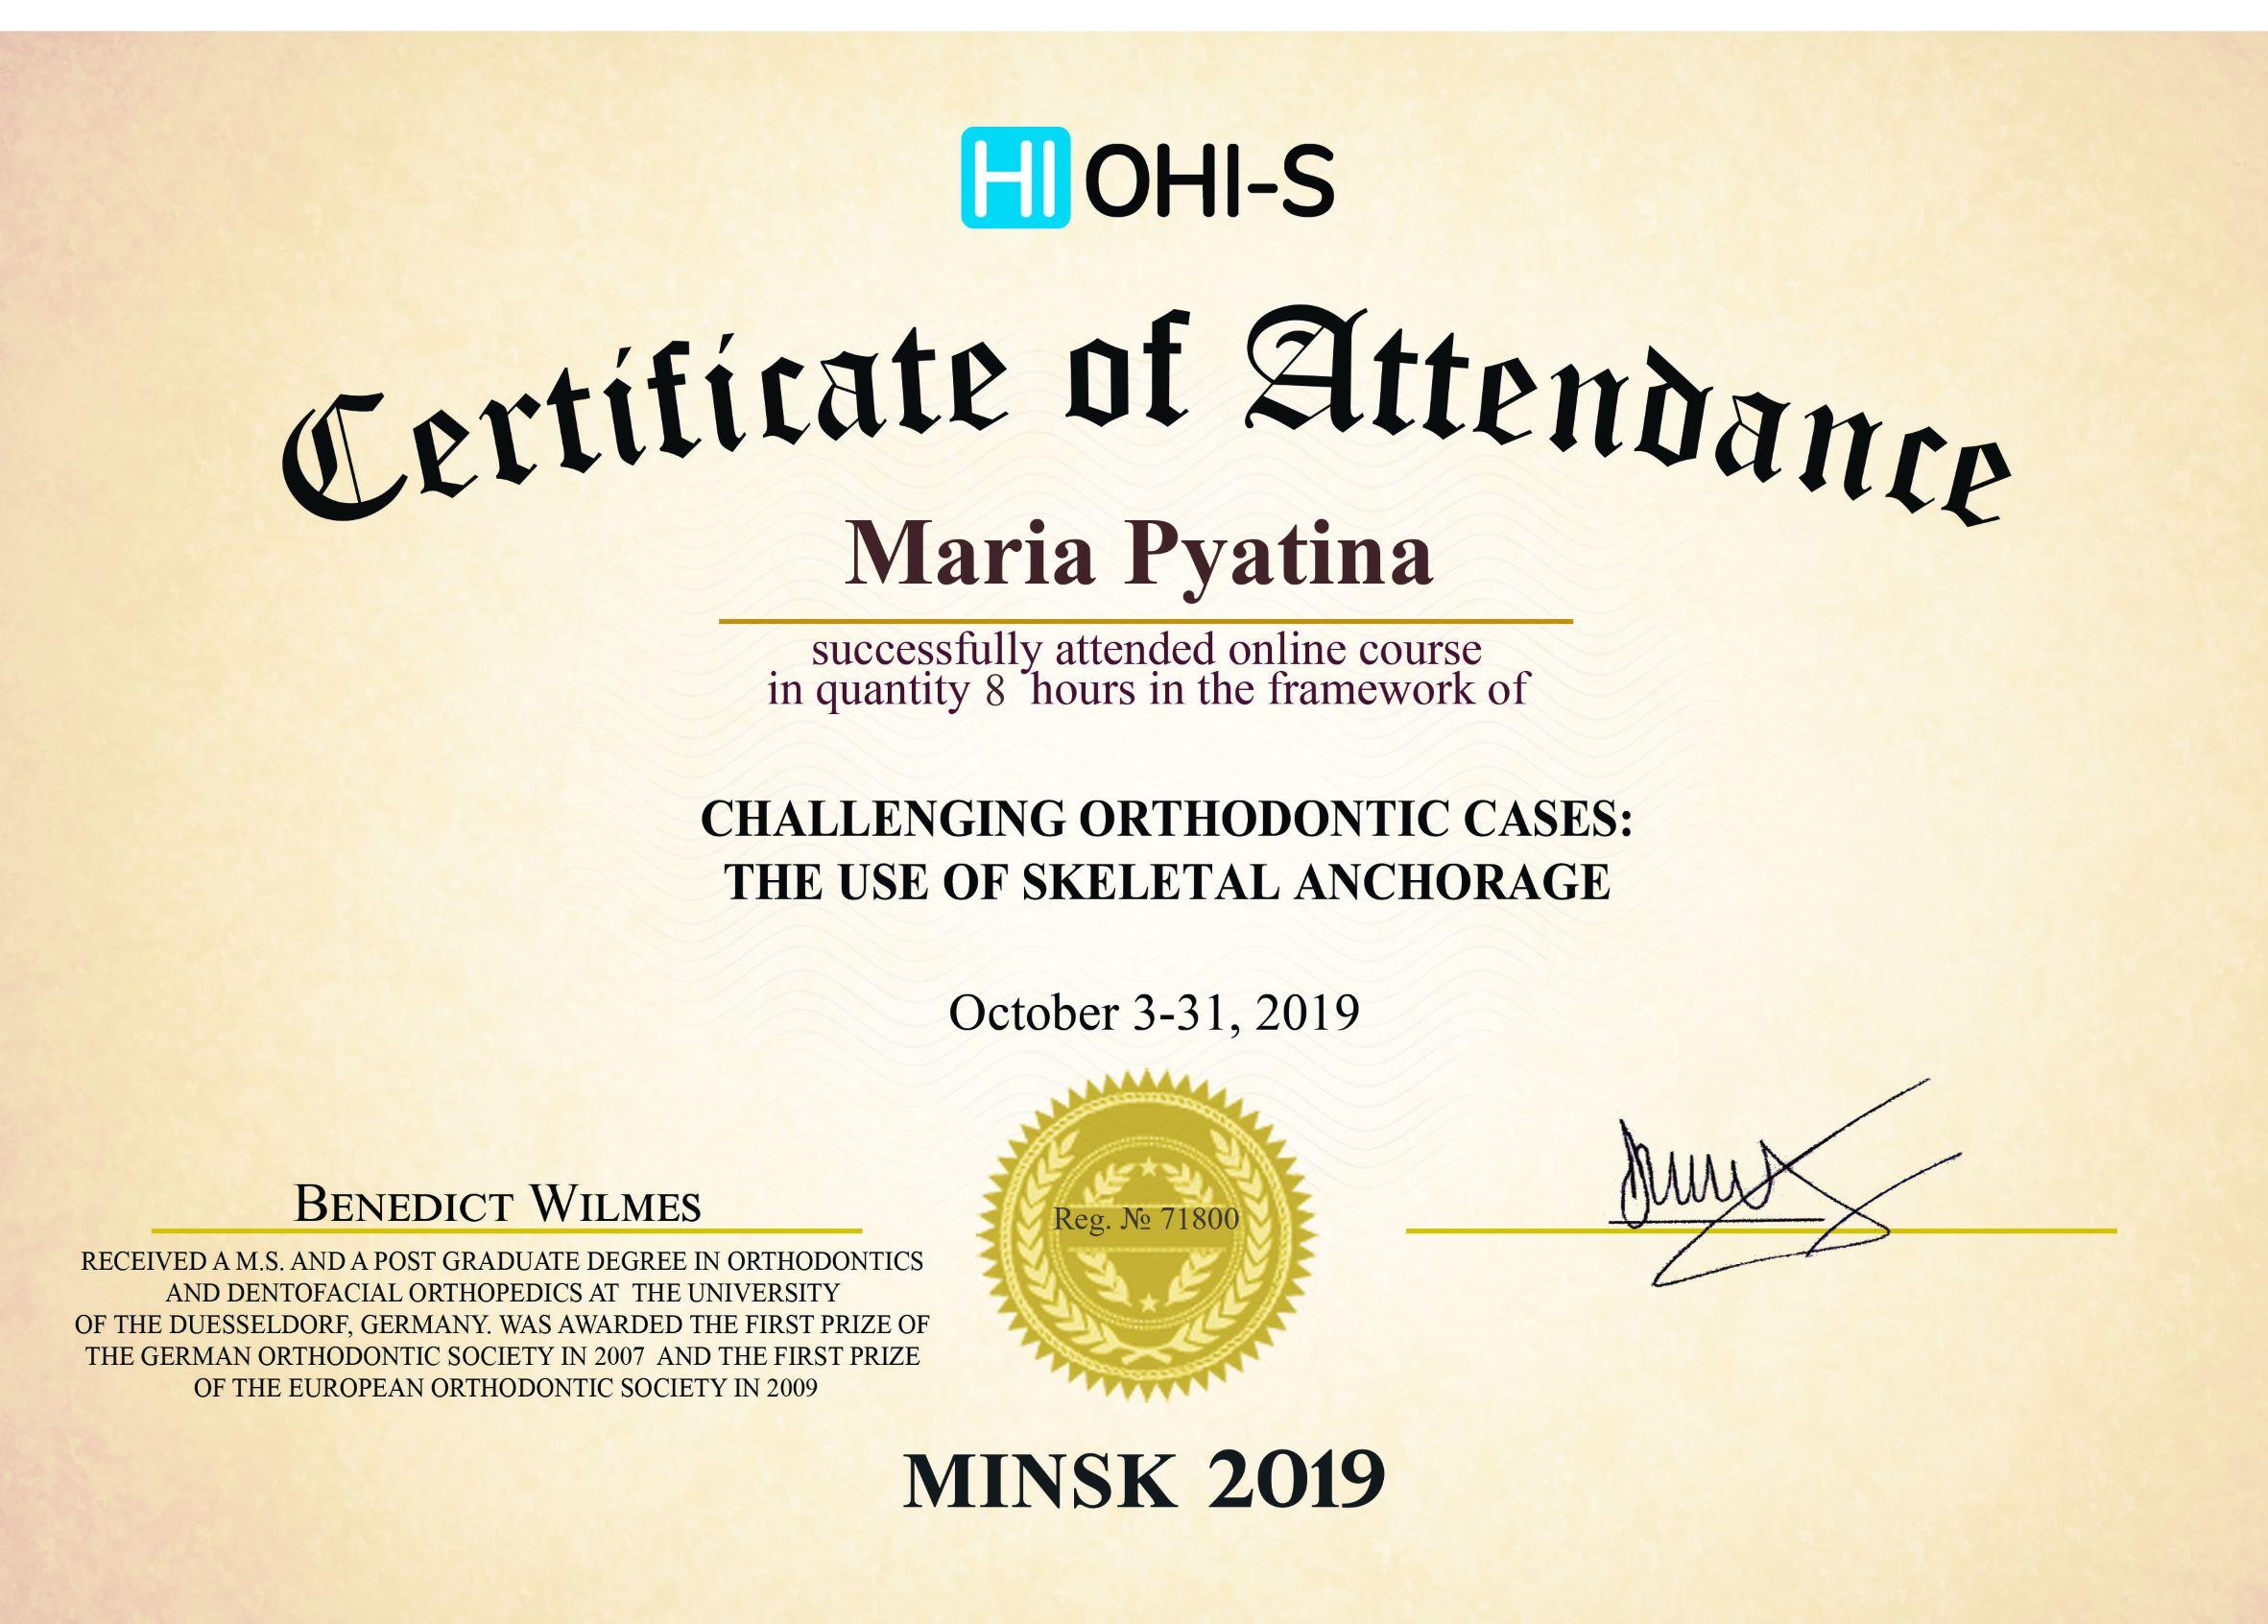 2019, Minsk